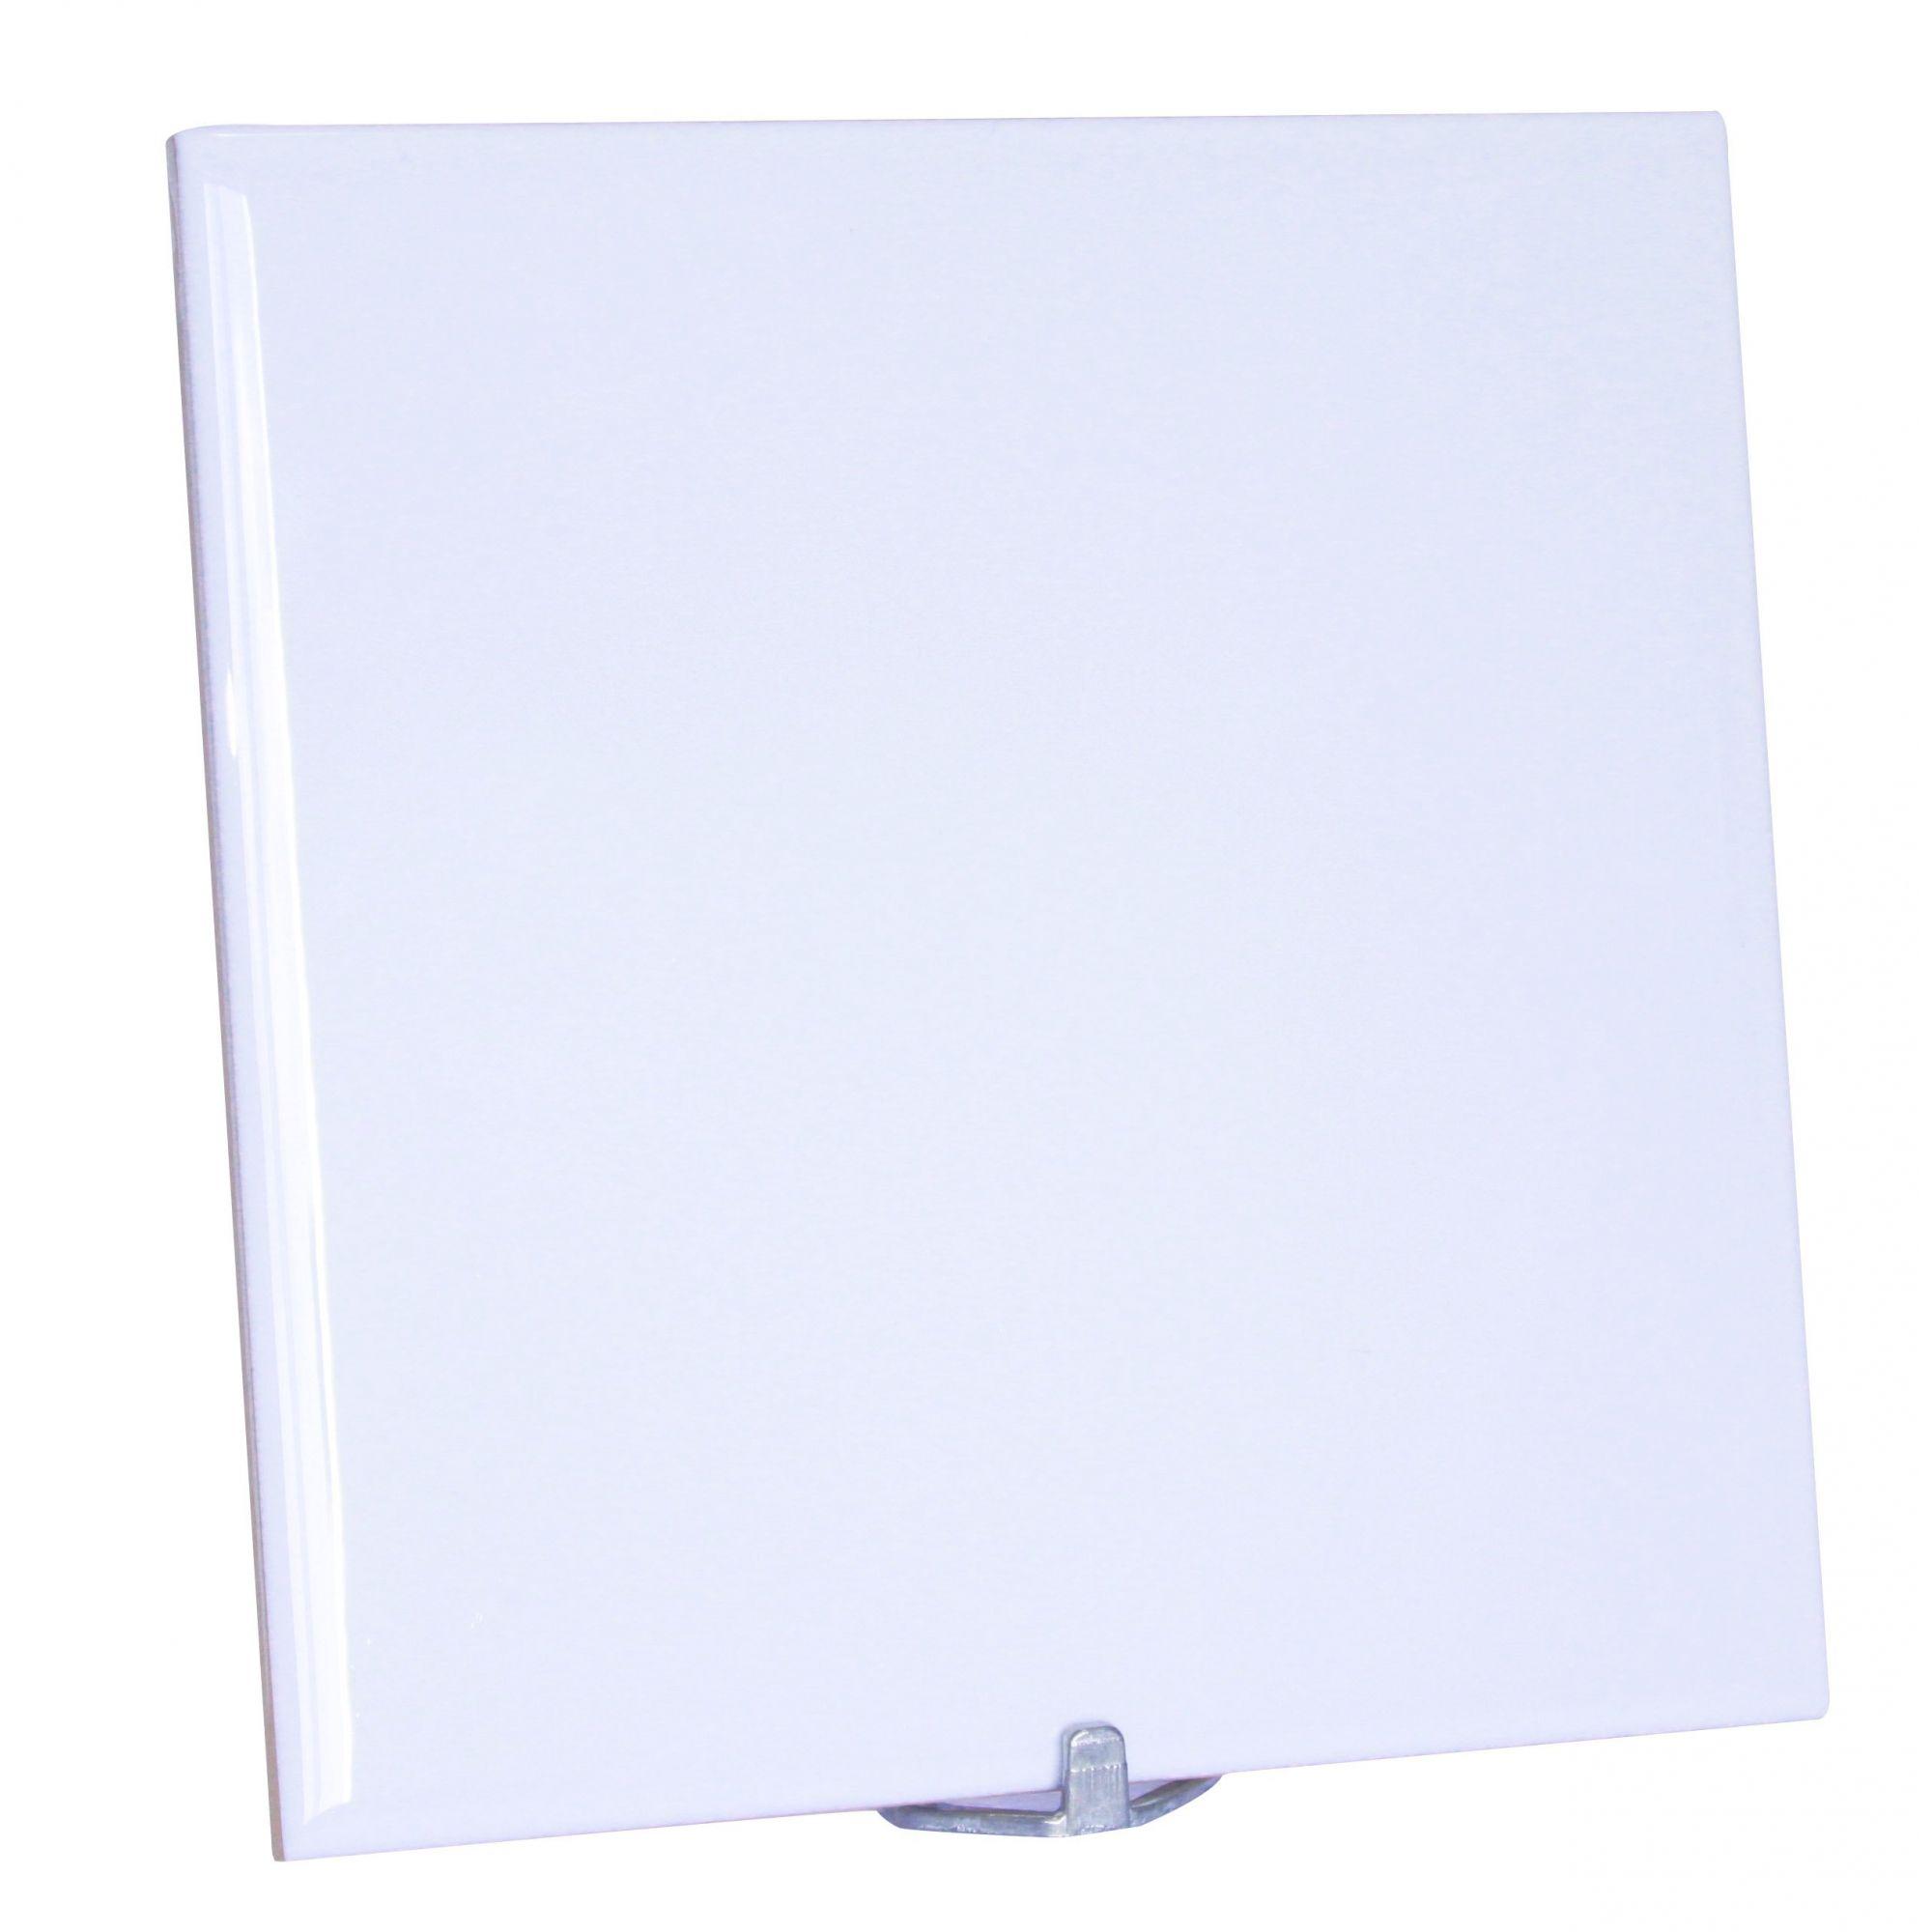 Azulejo 20x20cm Para Sublimação Com Suporte 10 unidades.